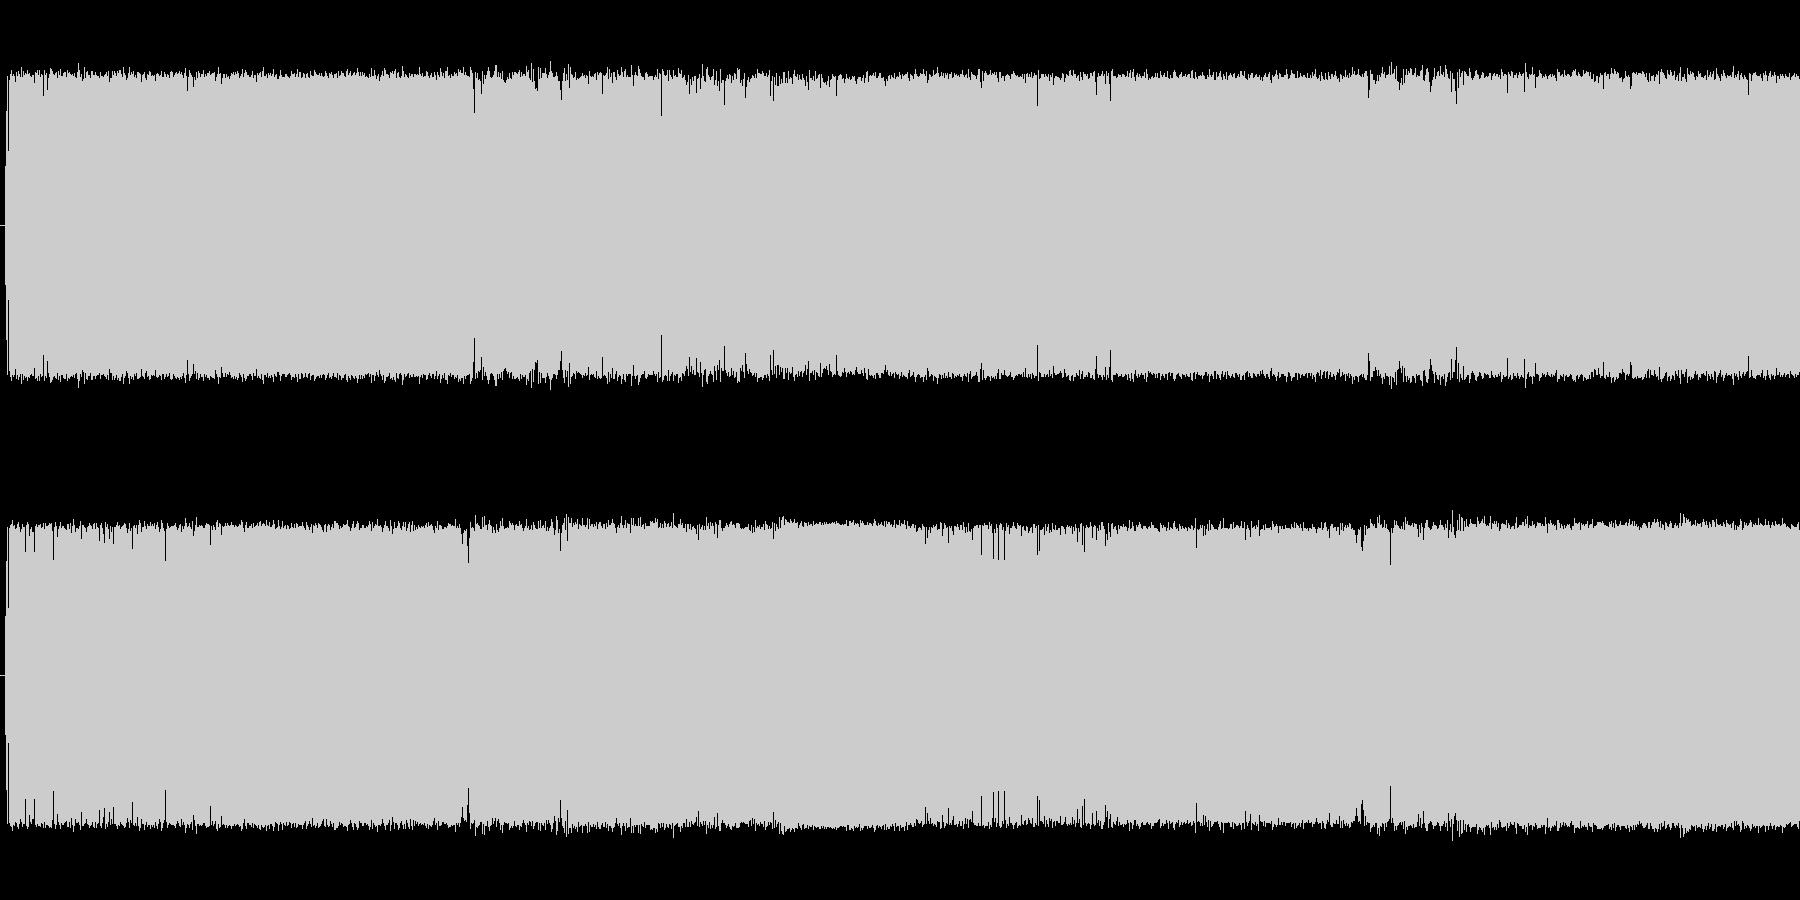 ループ可の歪みギターメタル中ボス系の曲の未再生の波形